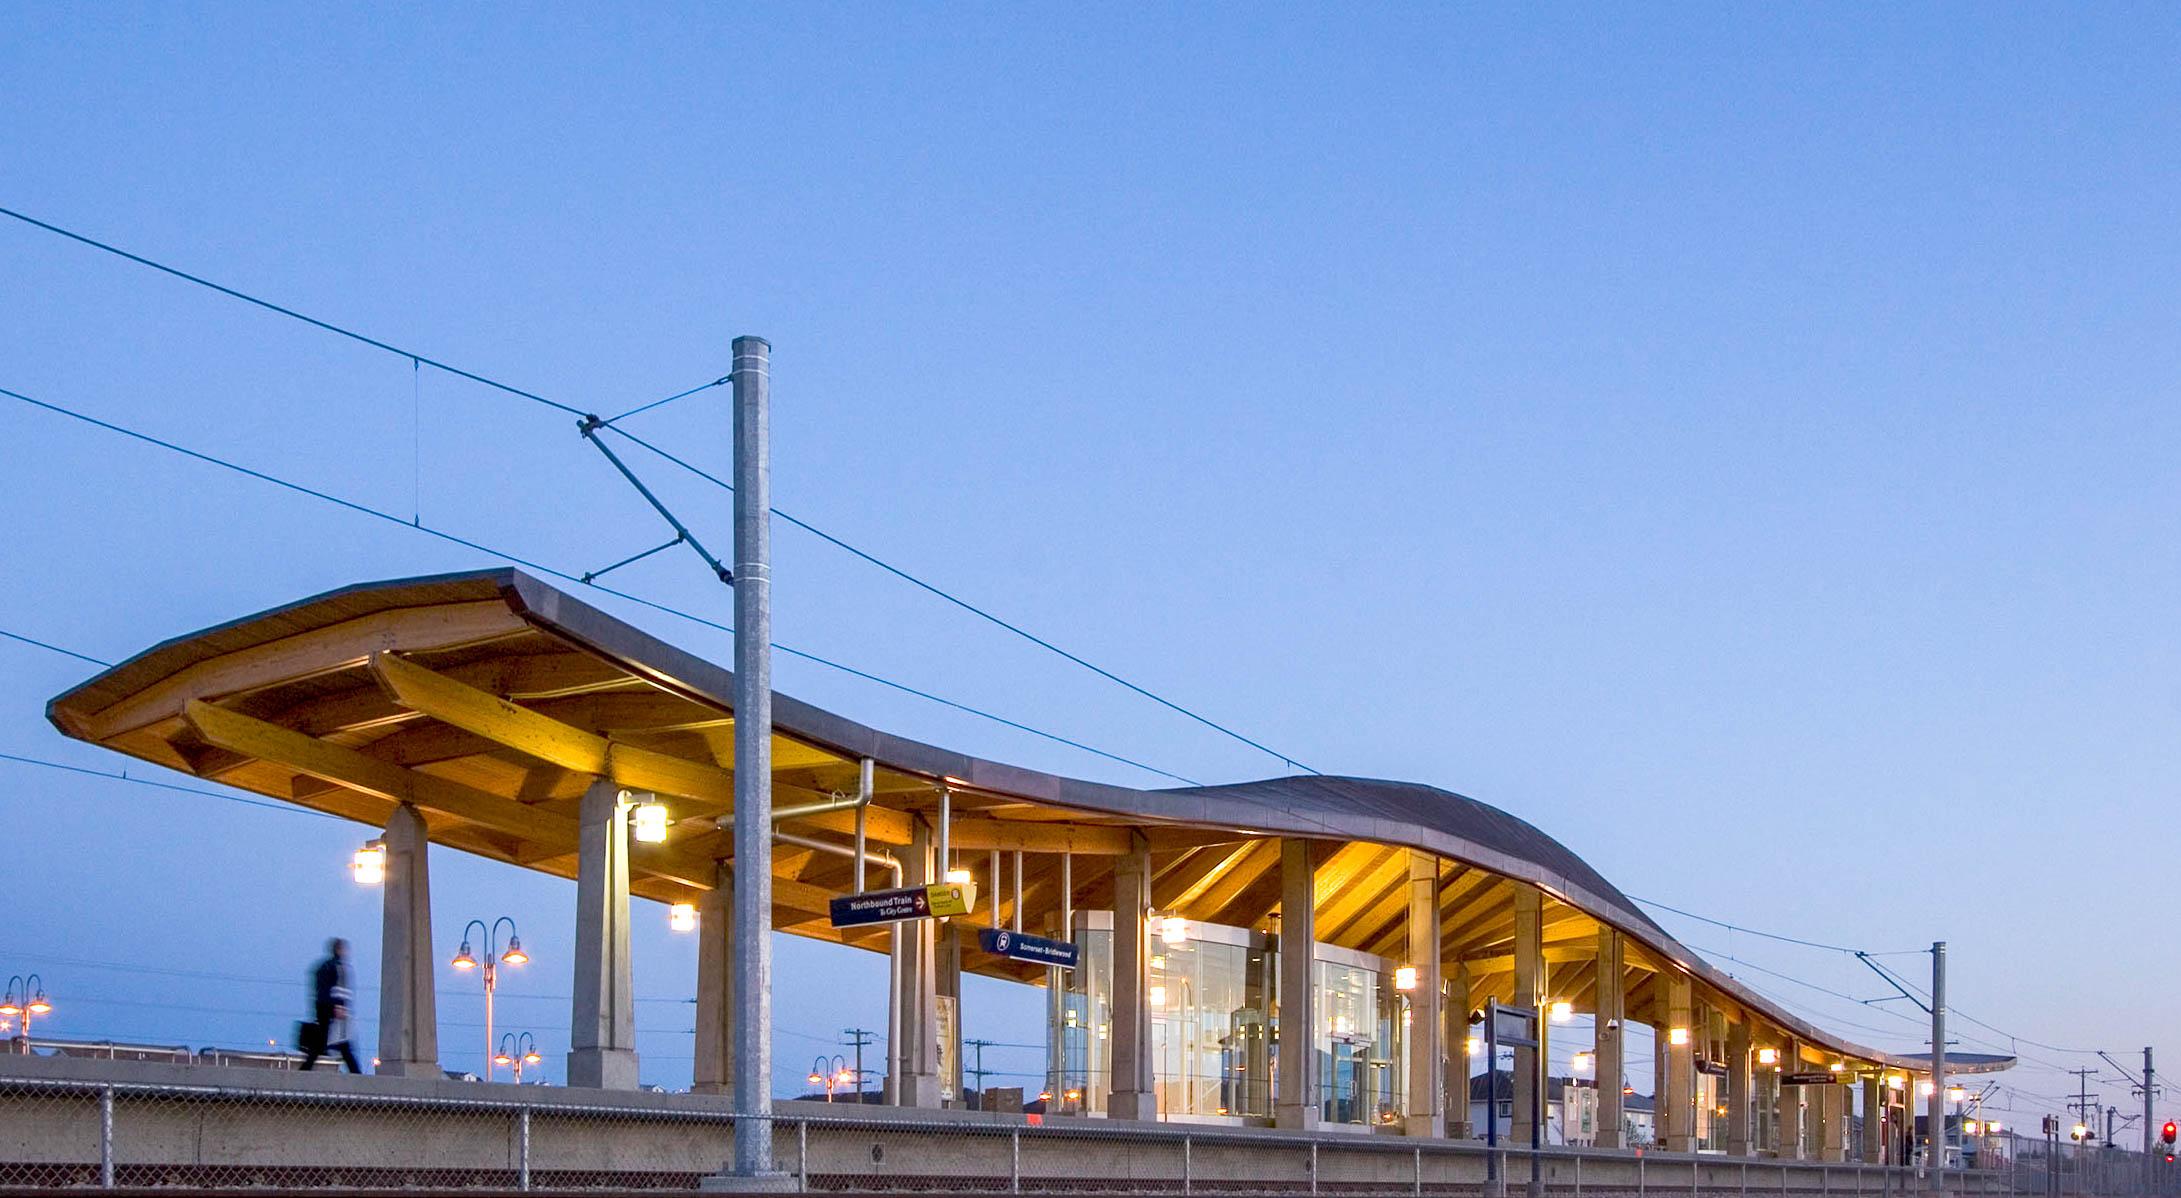 Somerset-Bridlewood LRT Station